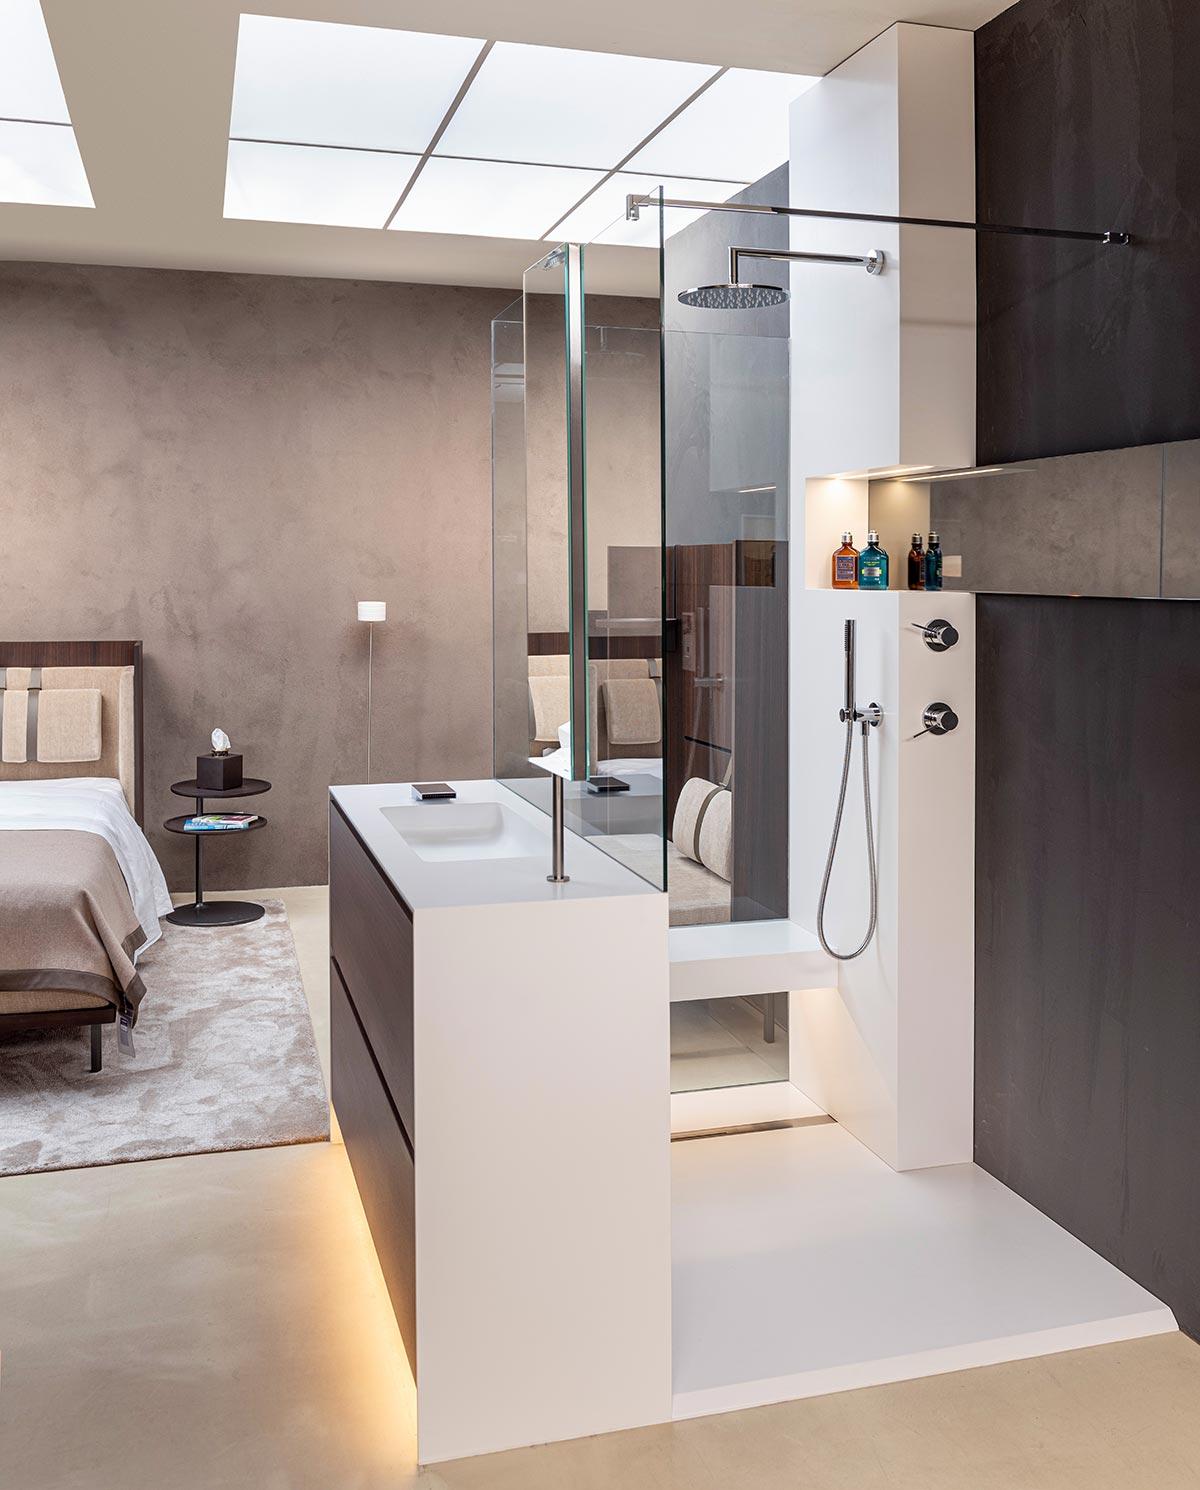 Baddesign von Günter Luther – Besuchen Sie den Showroom im Kölner Einrichtungshaus Knoth van Dag